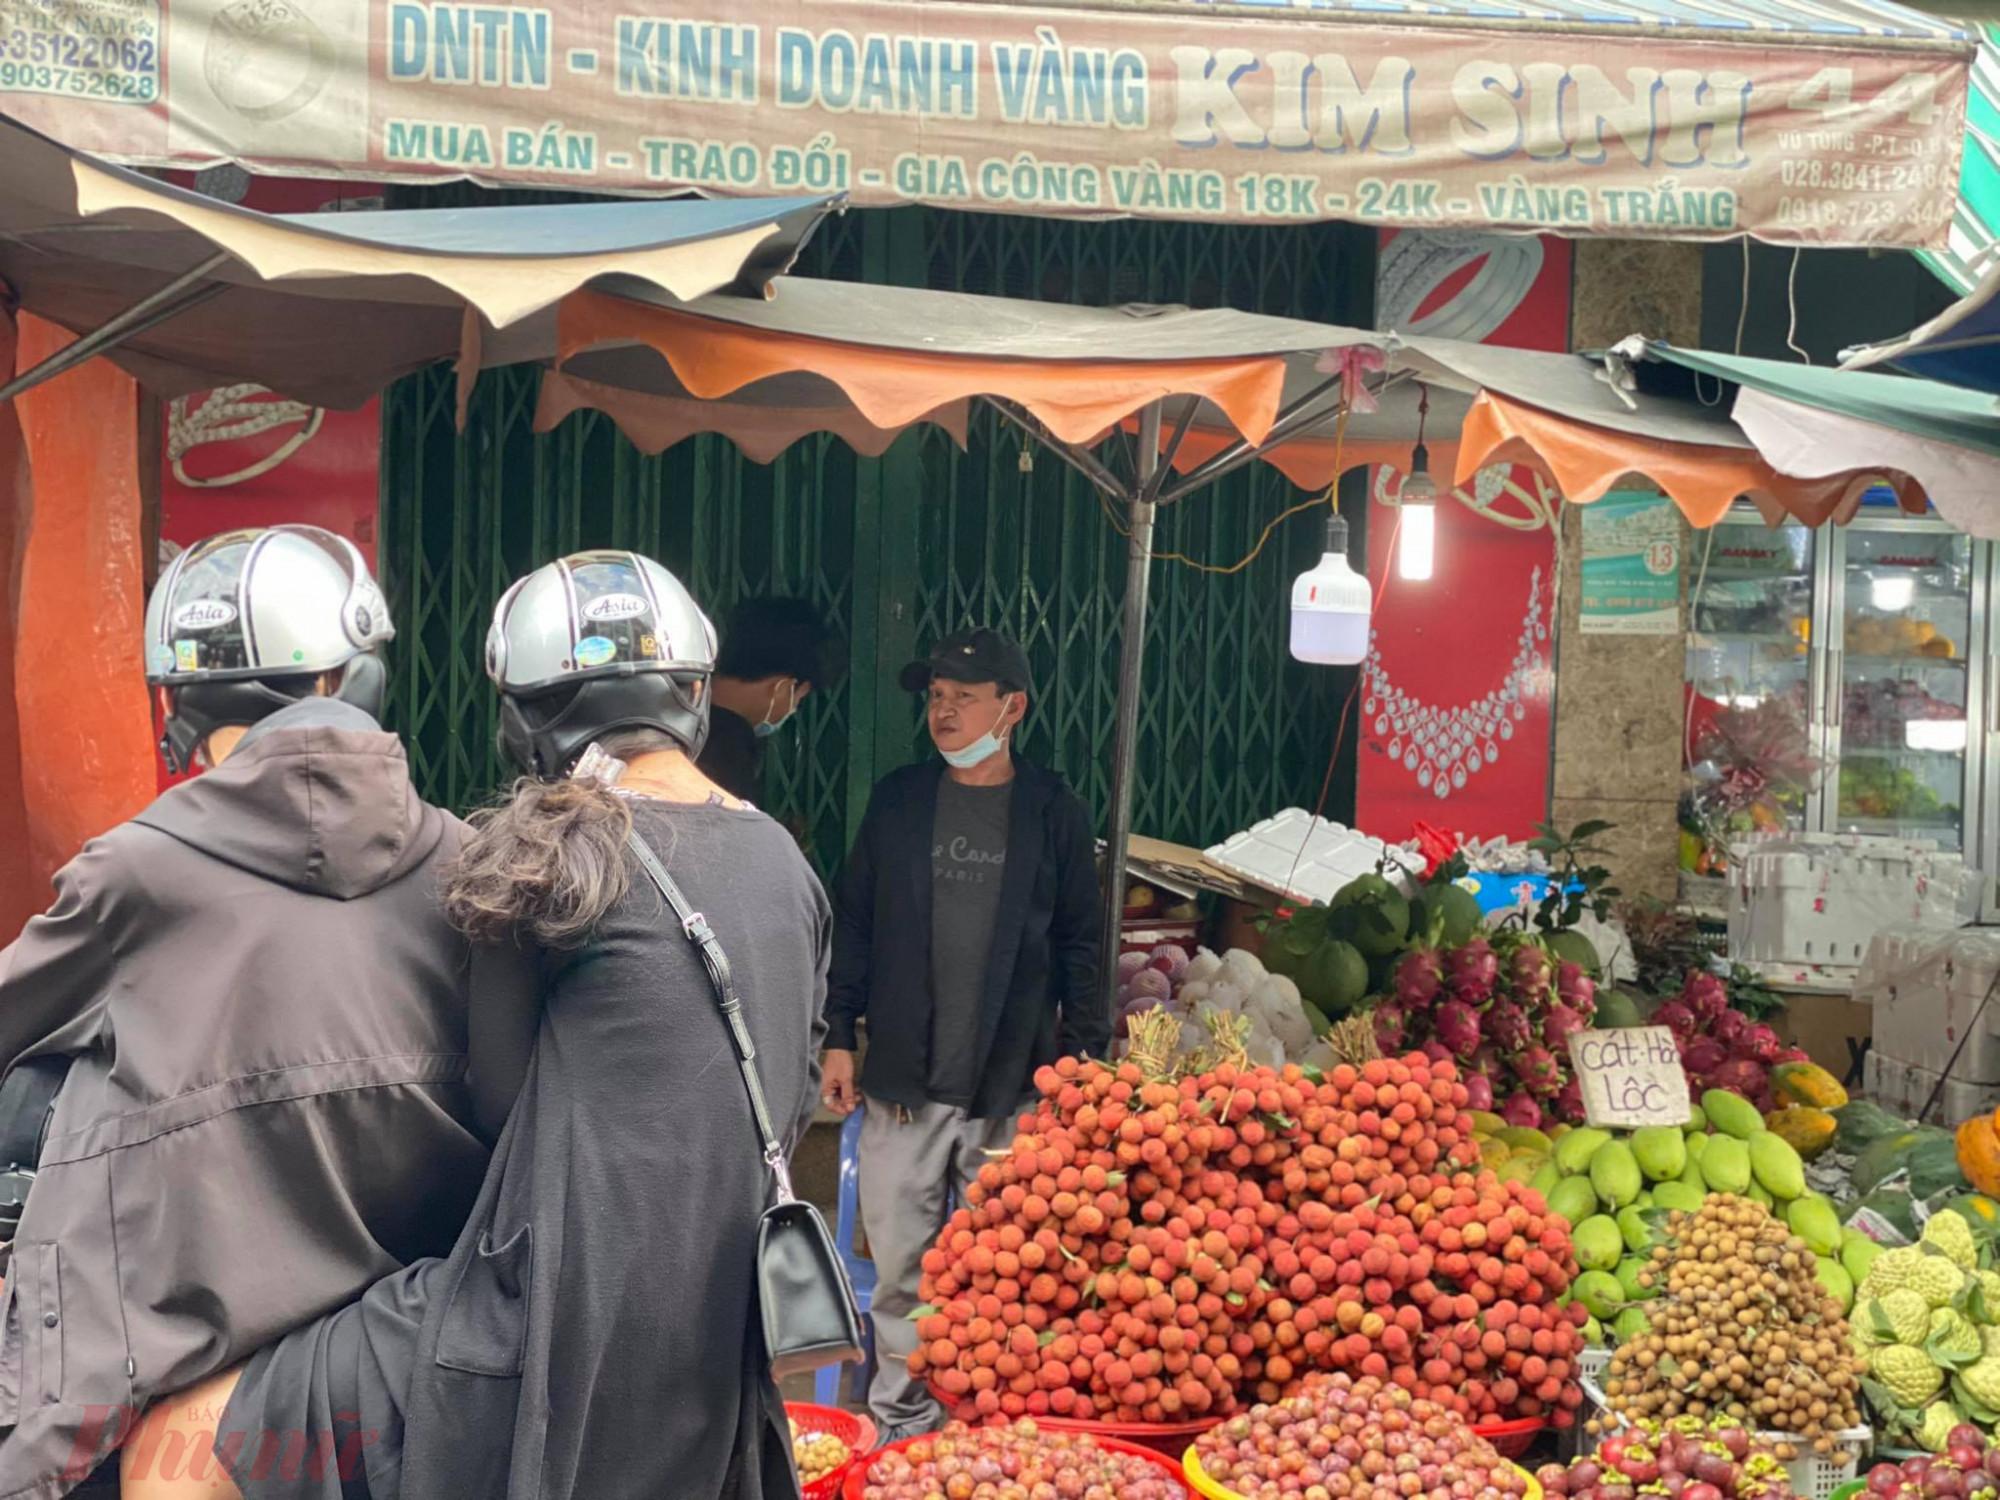 Bên cạnh bánh ú, lá xông, xôi chè thì vải là loại trái cây được mua nhiều nhất để cúng Tết Đoan Ngọ.